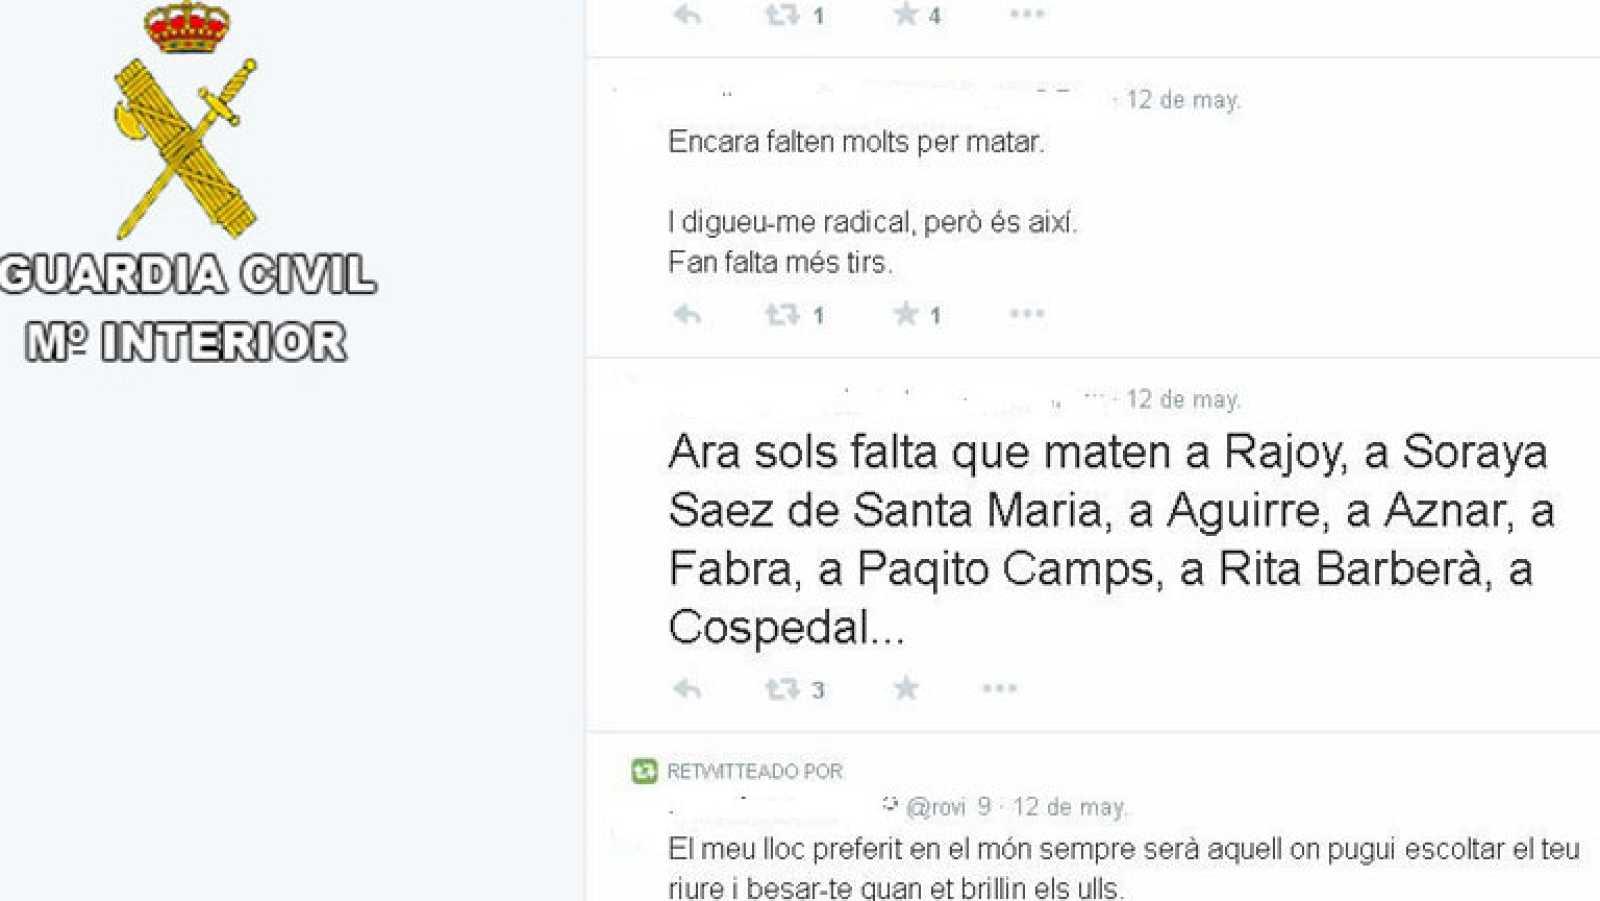 Primer detenido por apoyar el asesinato de Isabel Carrasco y de otros políticos en Twitter